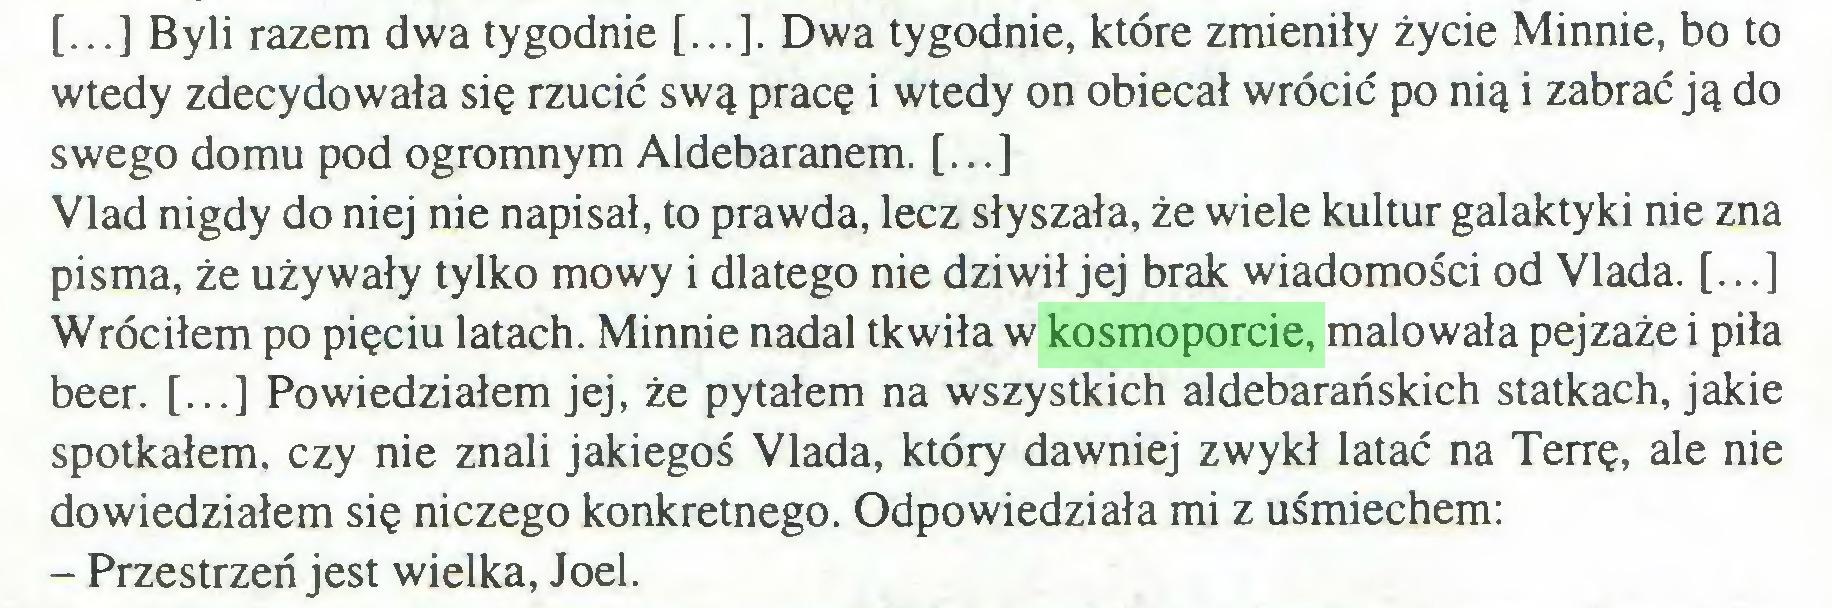 (...) [...] Byli razem dwa tygodnie [...]. Dwa tygodnie, które zmieniły życie Minnie, bo to wtedy zdecydowała się rzucić swą pracę i wtedy on obiecał wrócić po nią i zabrać ją do swego domu pod ogromnym Aldebaranem. [...] Vlad nigdy do niej nie napisał, to prawda, lecz słyszała, że wiele kultur galaktyki nie zna pisma, że używały tylko mowy i dlatego nie dziwił jej brak wiadomości od Vlada. [...] Wróciłem po pięciu latach. Minnie nadal tkwiła w kosmoporcie, malowała pejzaże i piła beer. [...] Powiedziałem jej, że pytałem na wszystkich aldebarańskich statkach, jakie spotkałem, czy nie znali jakiegoś Vlada, który dawniej zwykł latać na Terrę, ale nie dowiedziałem się niczego konkretnego. Odpowiedziała mi z uśmiechem: - Przestrzeń jest wielka, Joel...